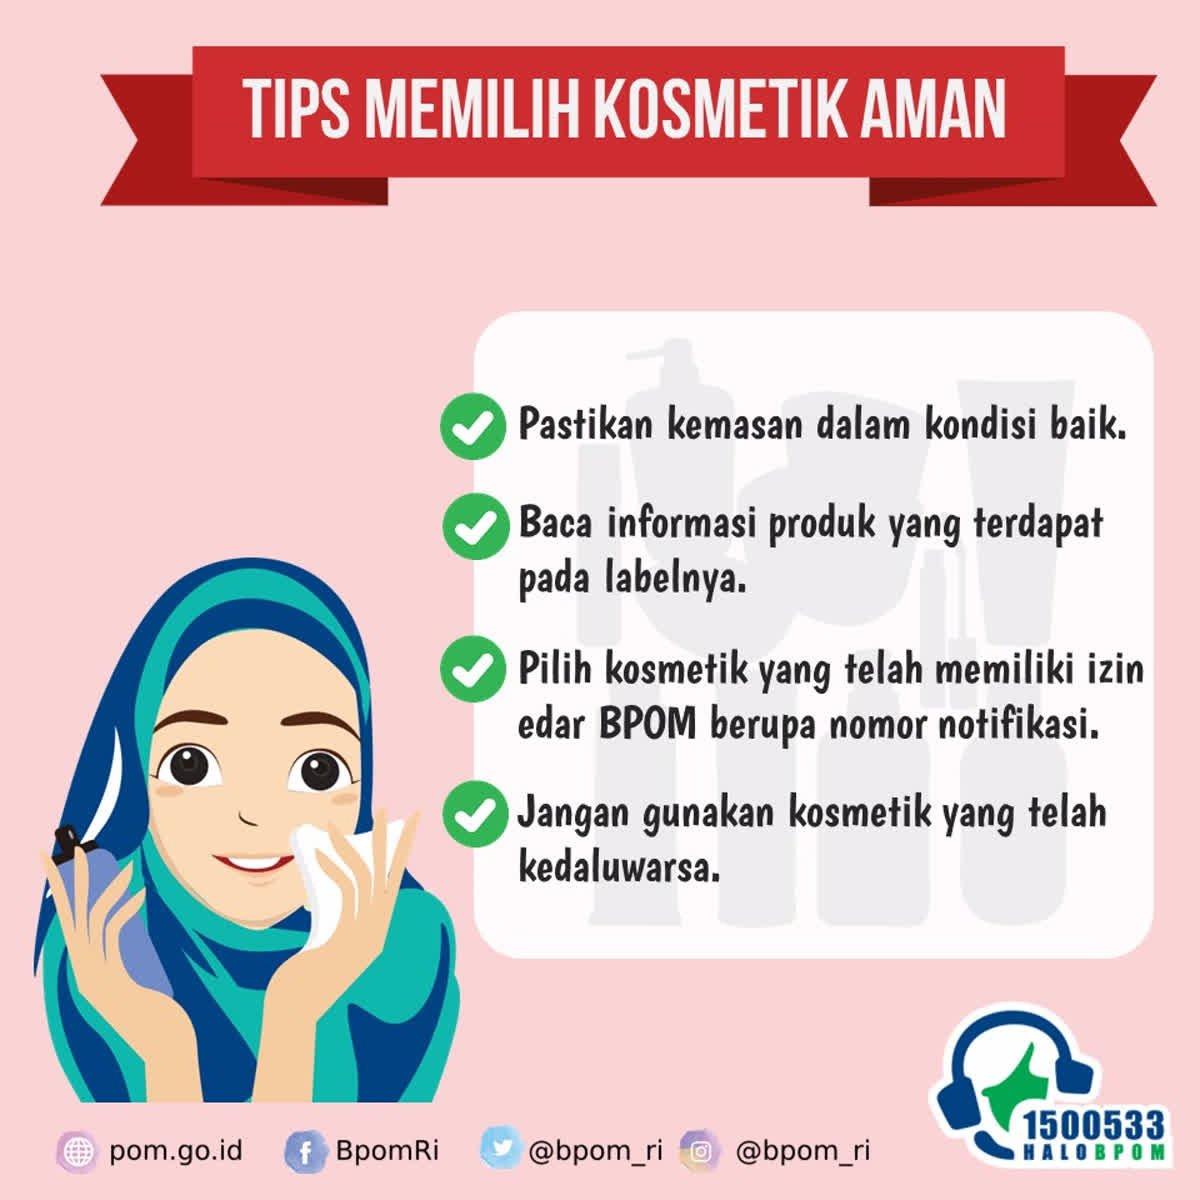 Tips dan Cara Memilih Kosmetik Aman dan Baik